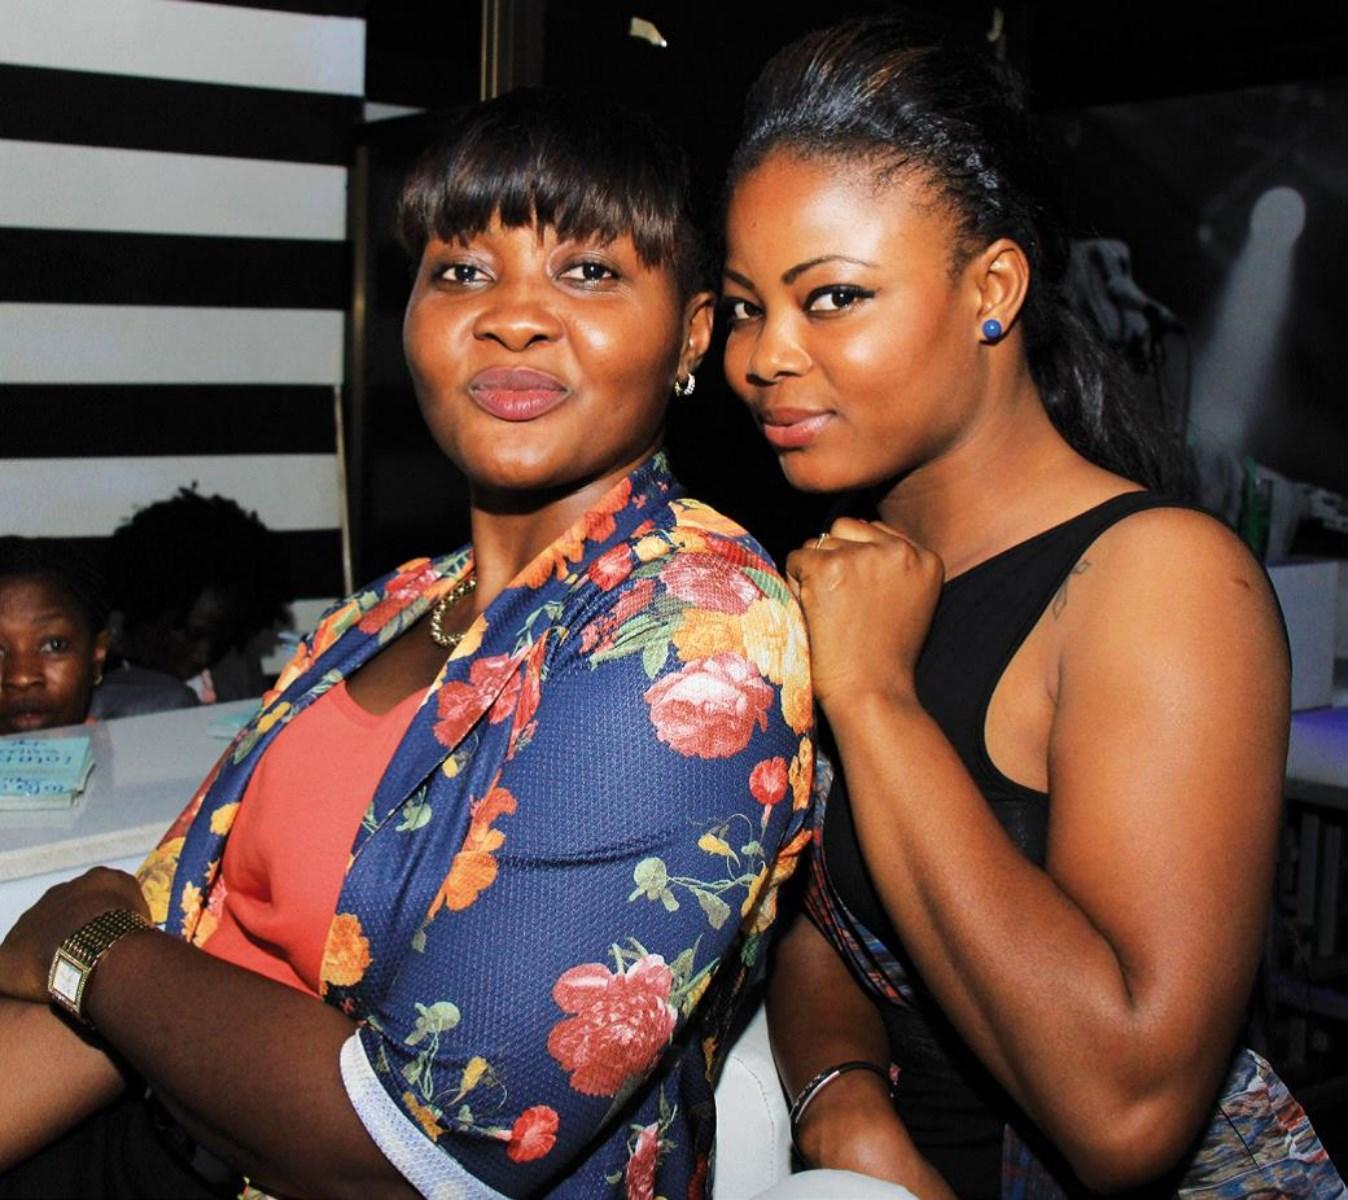 De belles jeunes dames étaient également de la fête.